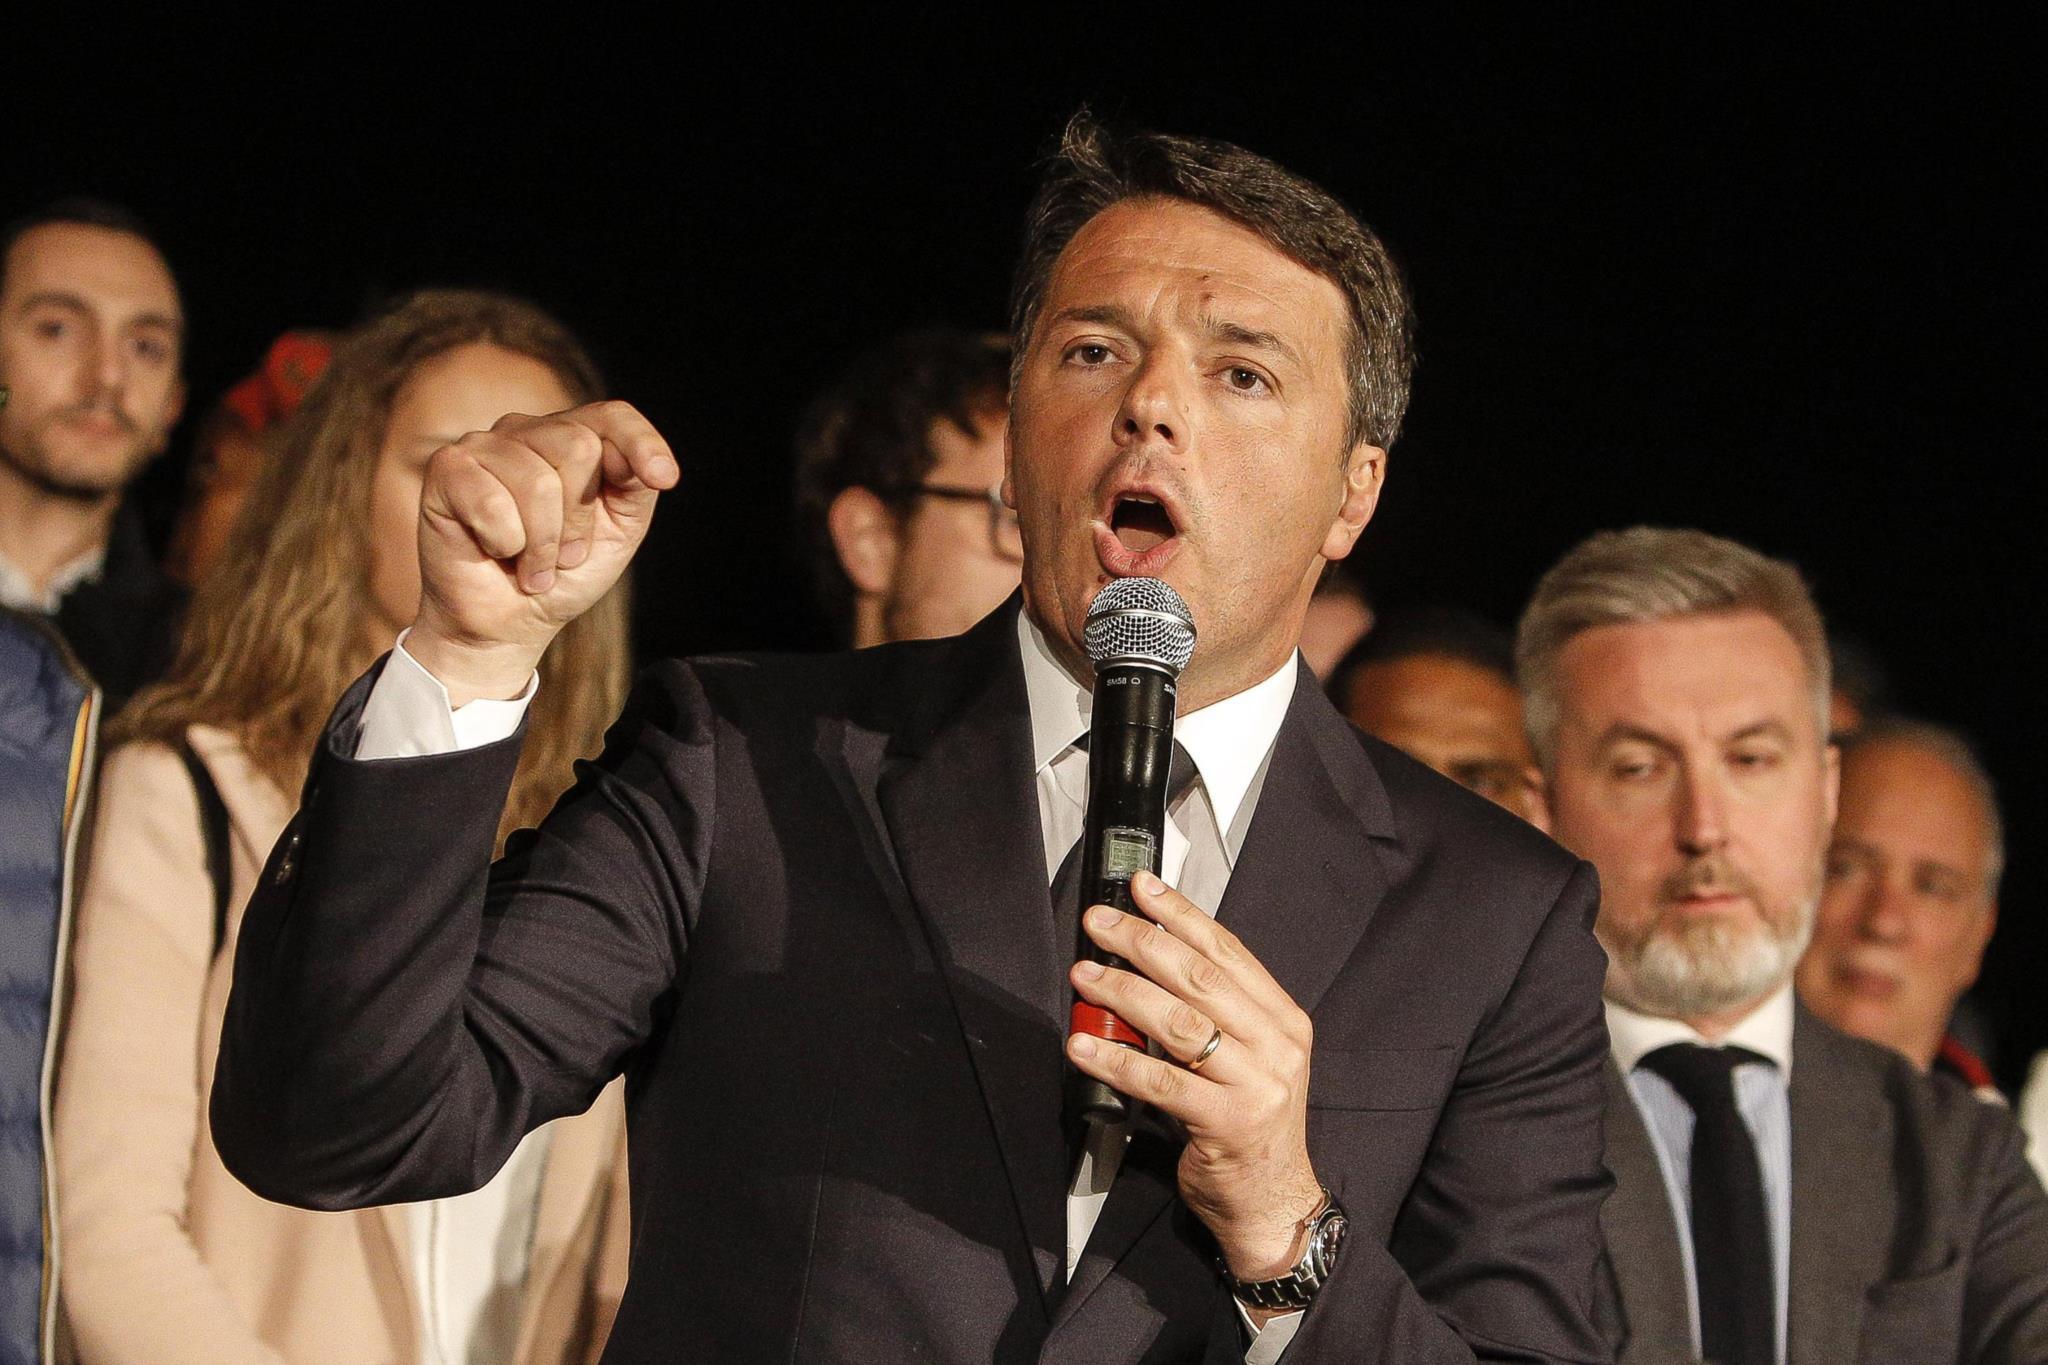 PÚBLICO - Renzi recupera liderança do Partido Democrático nas primárias em Itália